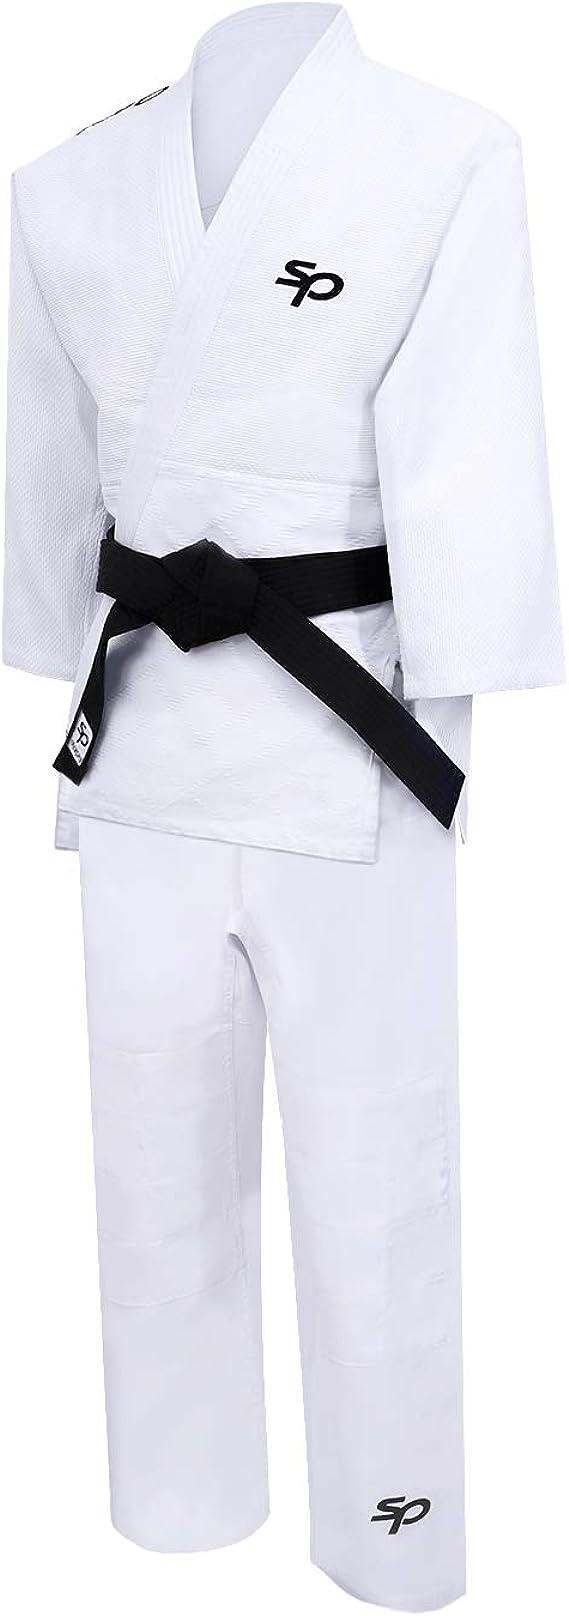 A0 A1 A2 A3 A4 A5 Algod/ón Kimono de Artes Marciales Profesionales Preencogido para Entrenamiento y competici/ón Starpro BJJ Gi 450 Gramos Blanco y Negro Hombres y Mujeres